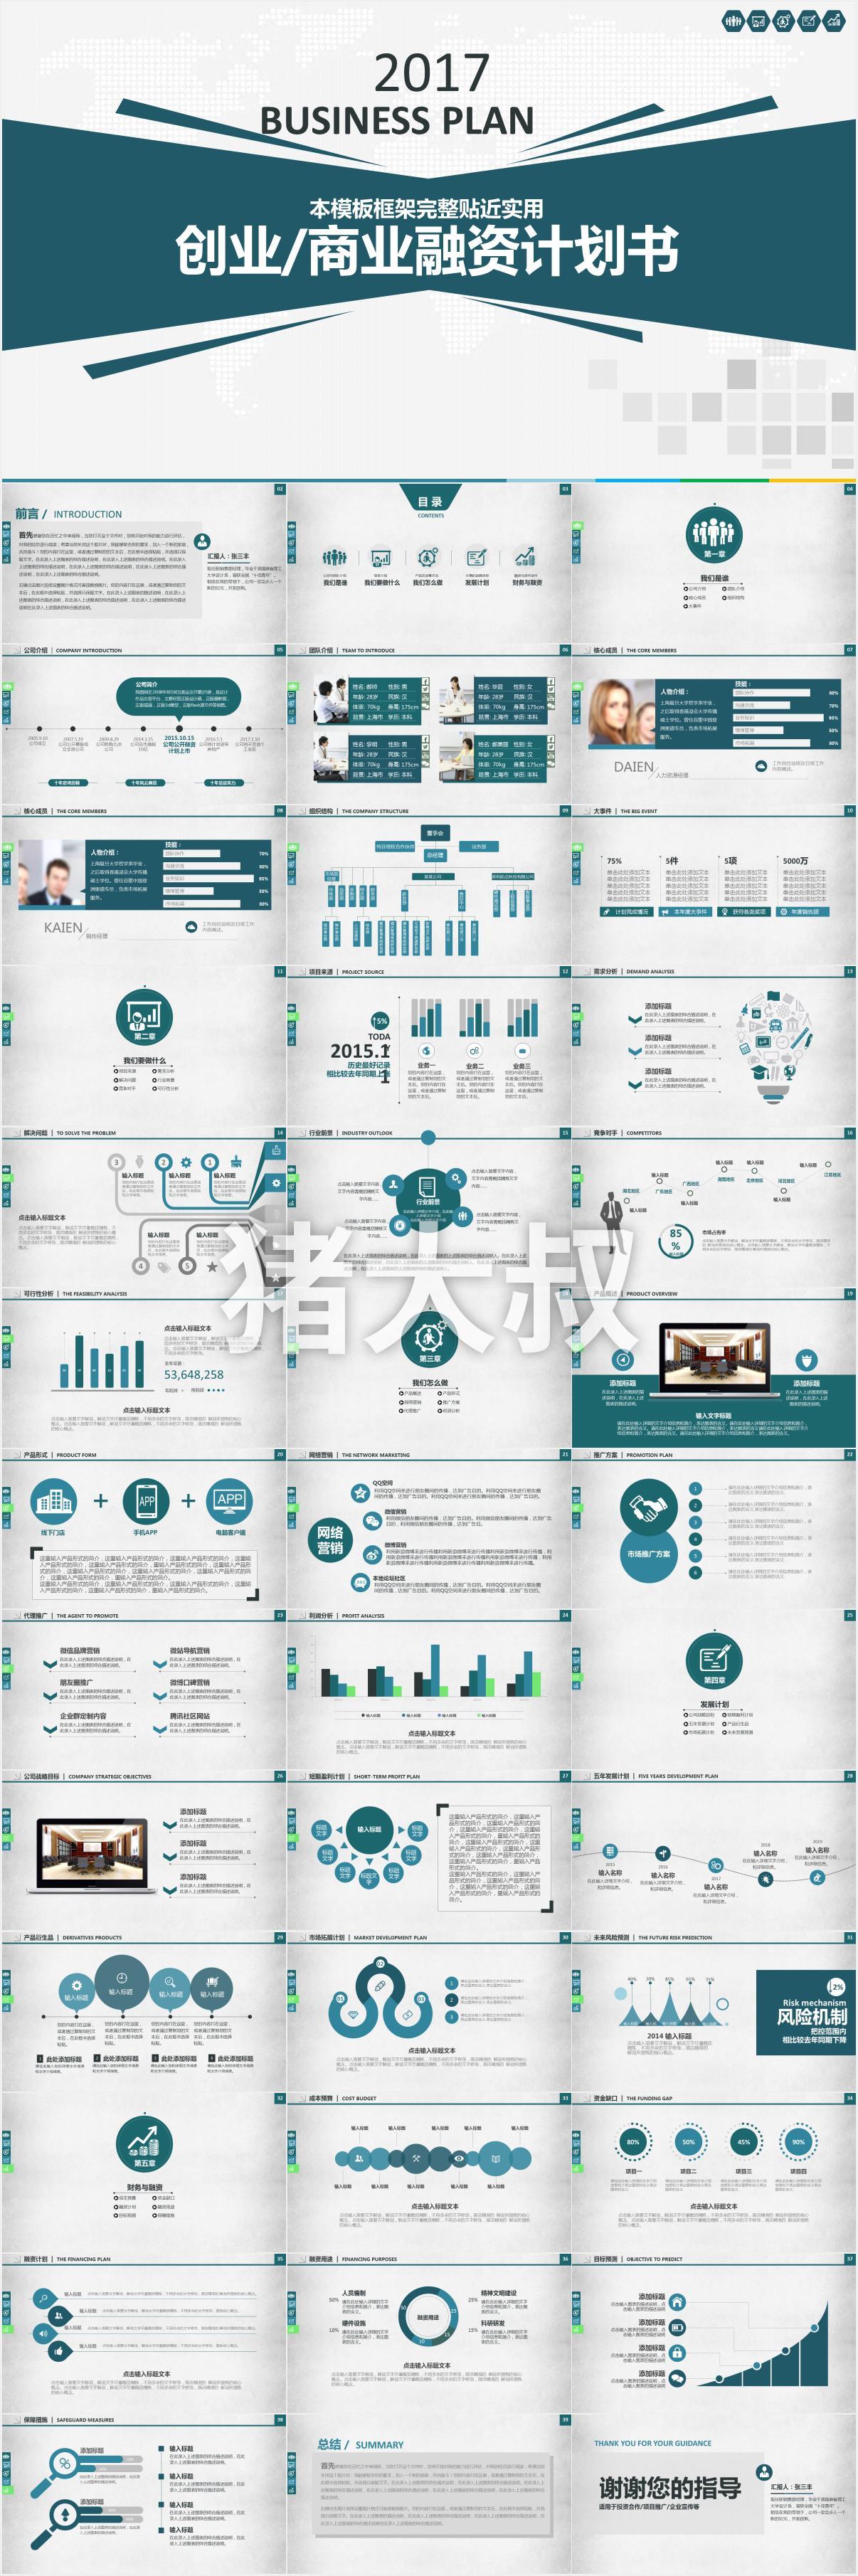 创业路演绿色PPT模板下载